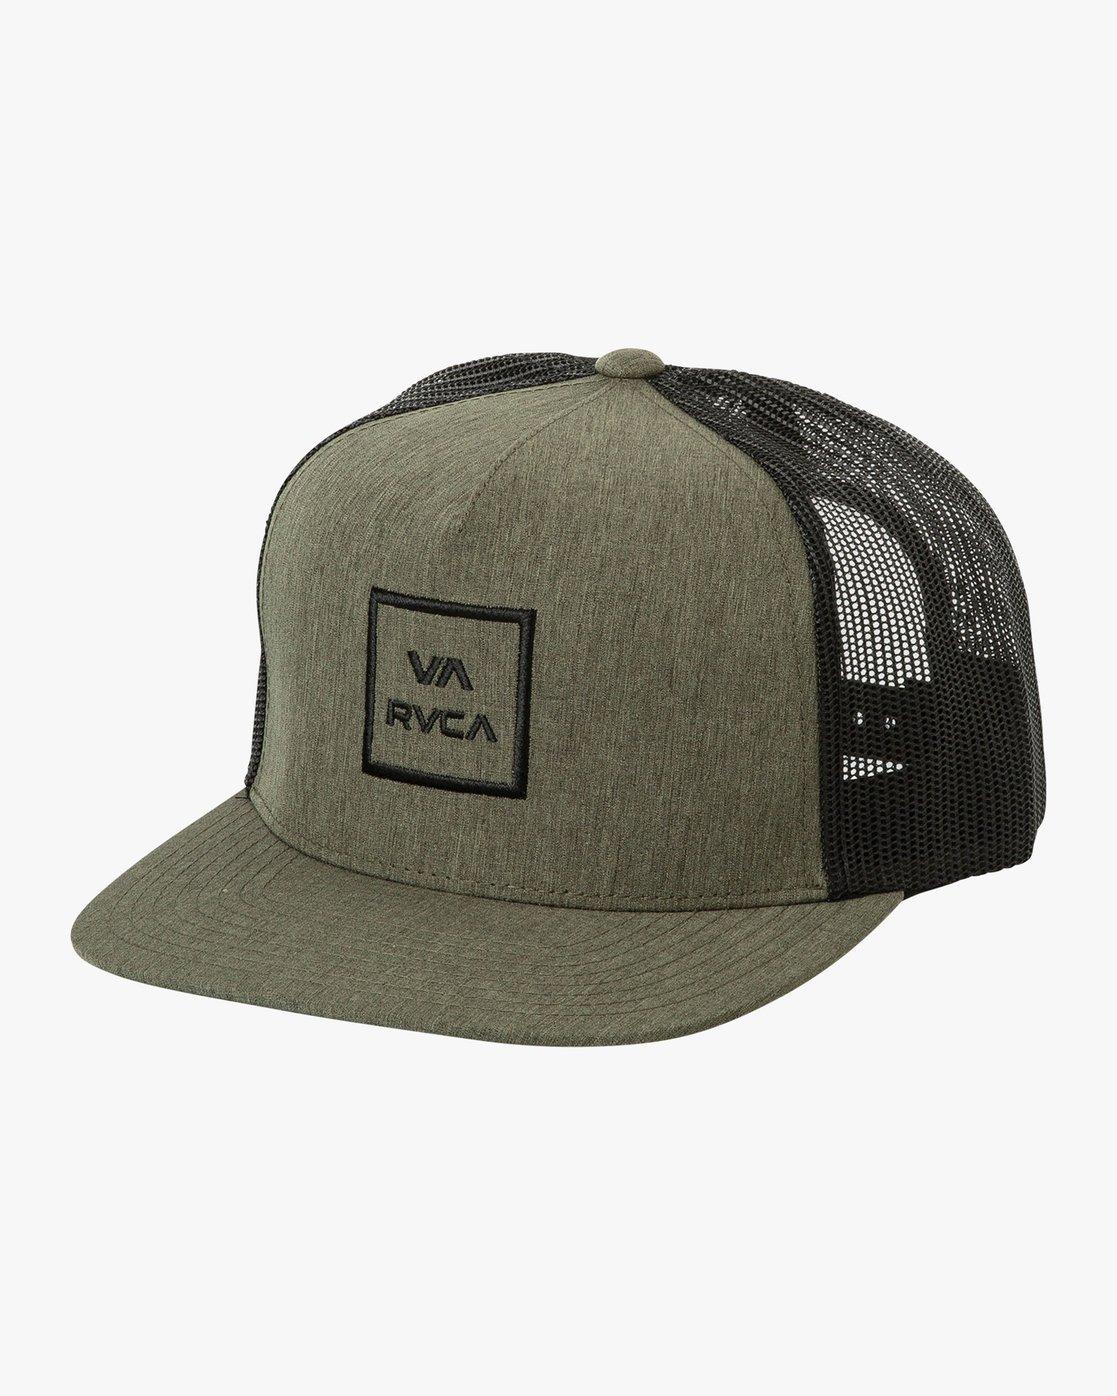 0 VA All The Way Trucker Hat III Green MAAHWVWY RVCA